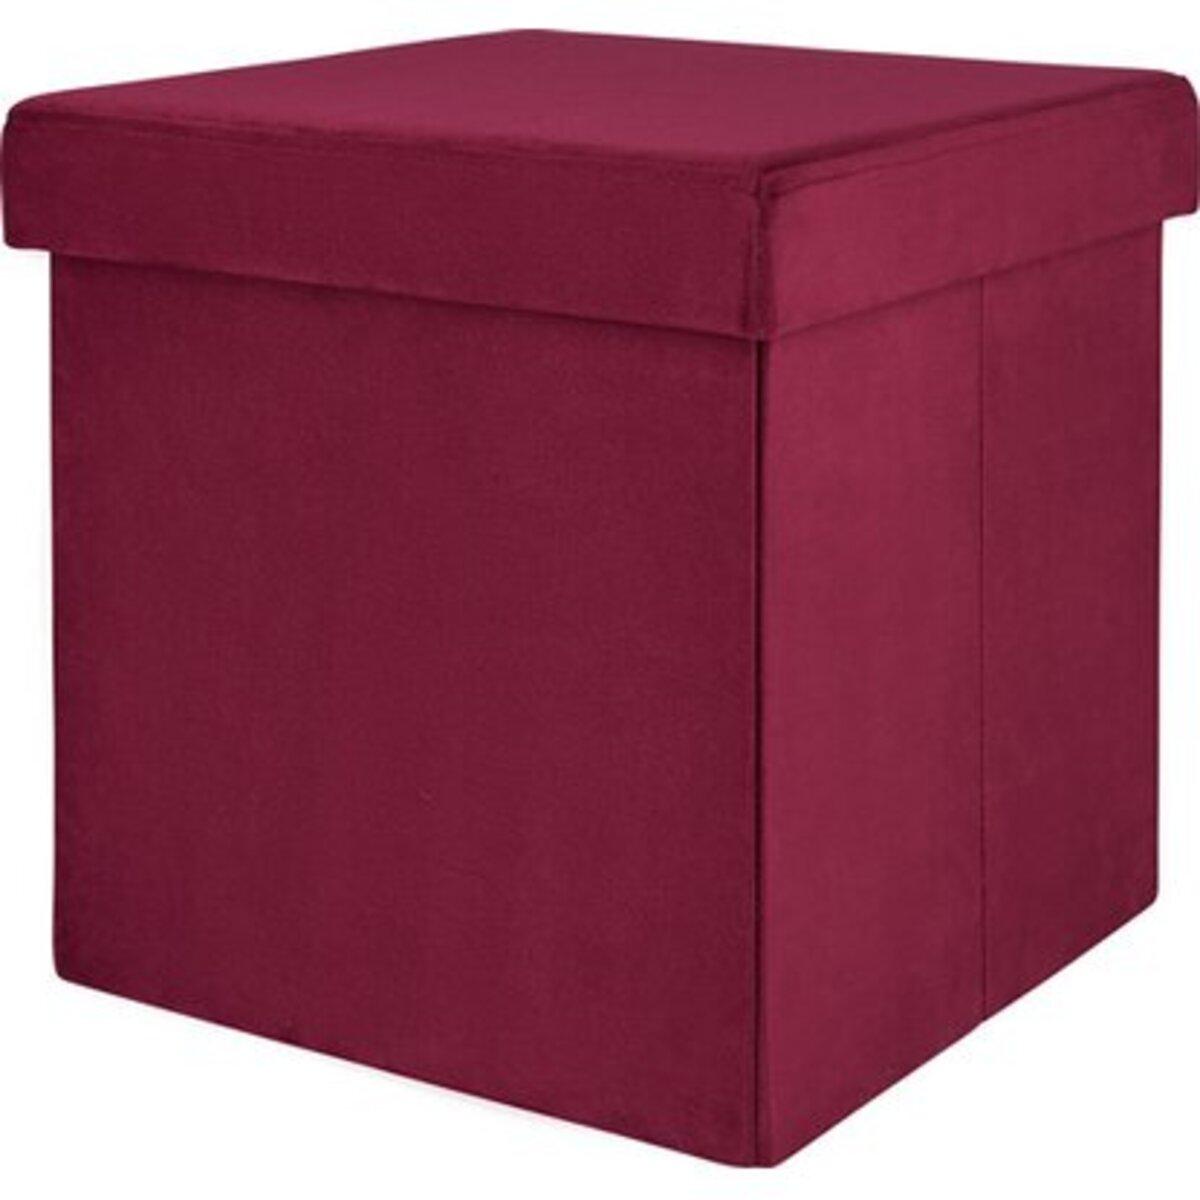 Bild 1 von Falt-Hocker Blush Bordeaux 38 cm x 38 cm x 38 cm Burgunderrot